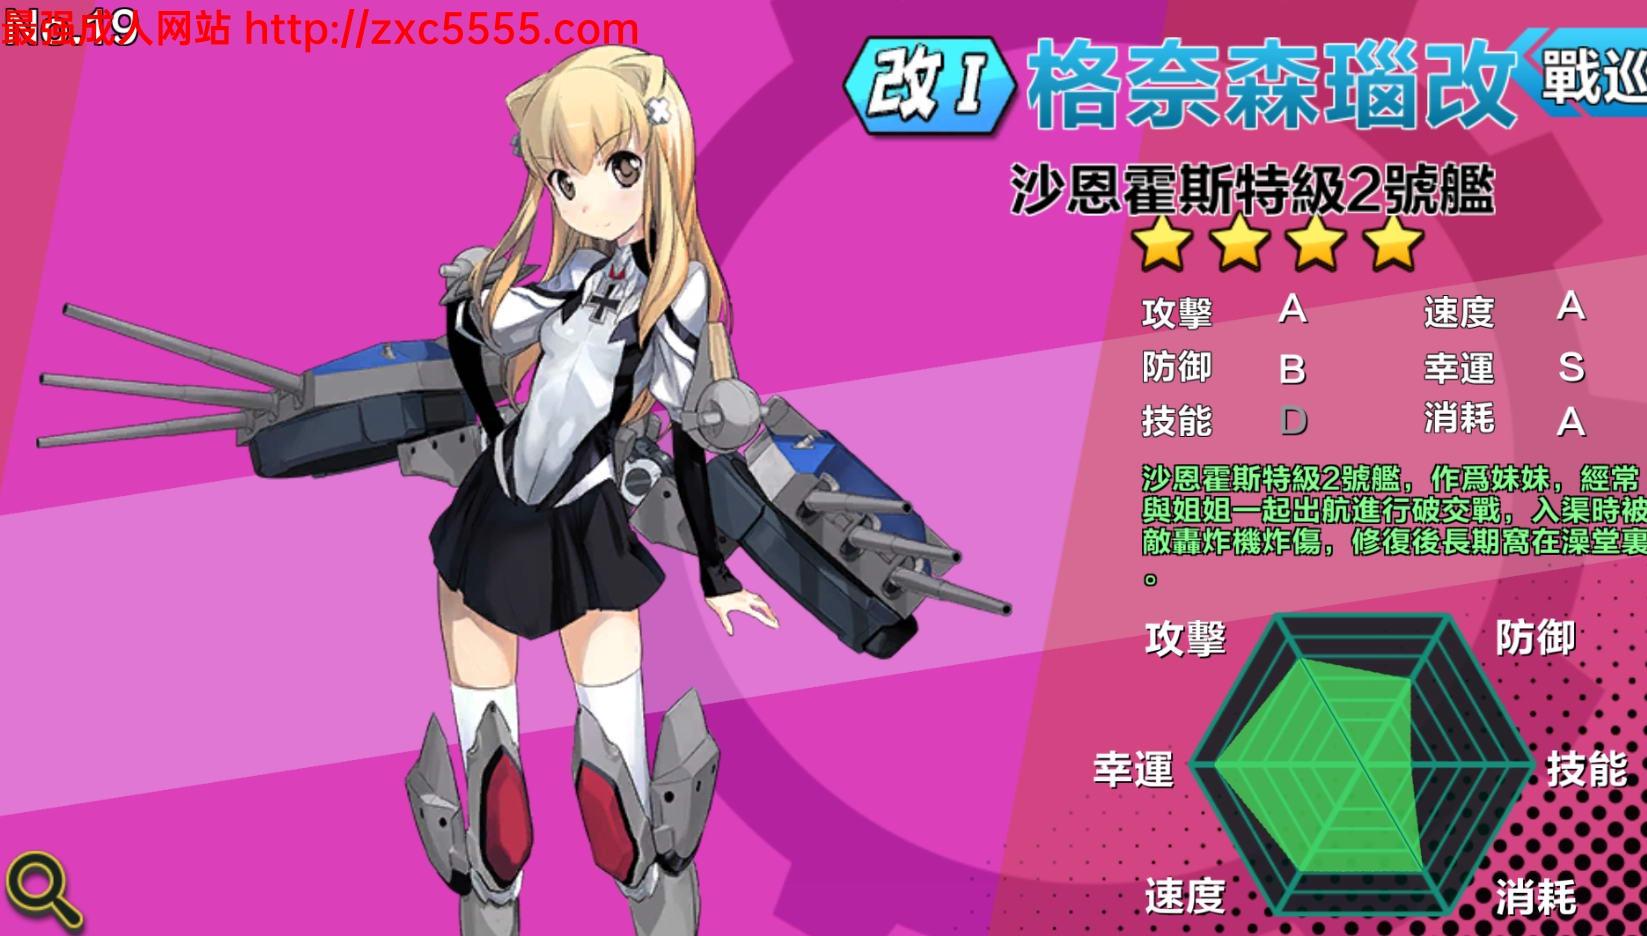 【养成SLG中文动态】爆衣舰娘:钢铁少女单机中文版+修改+视频教程【5.8G】 6